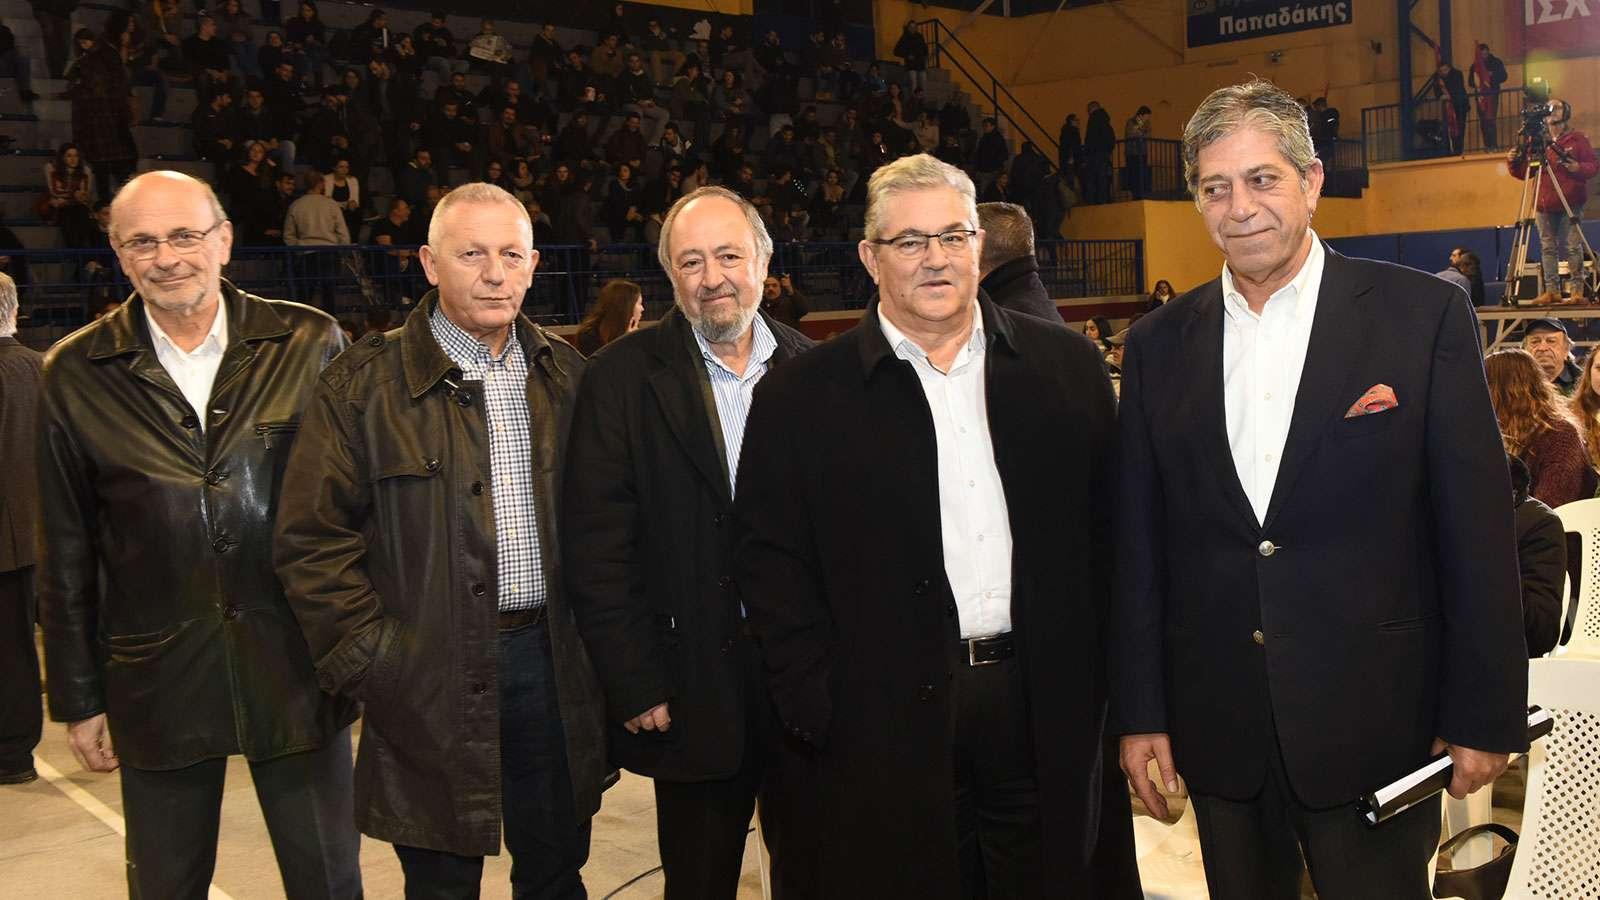 29-11-2018-ekdhlosh-sporting-gia-palaistinh-8